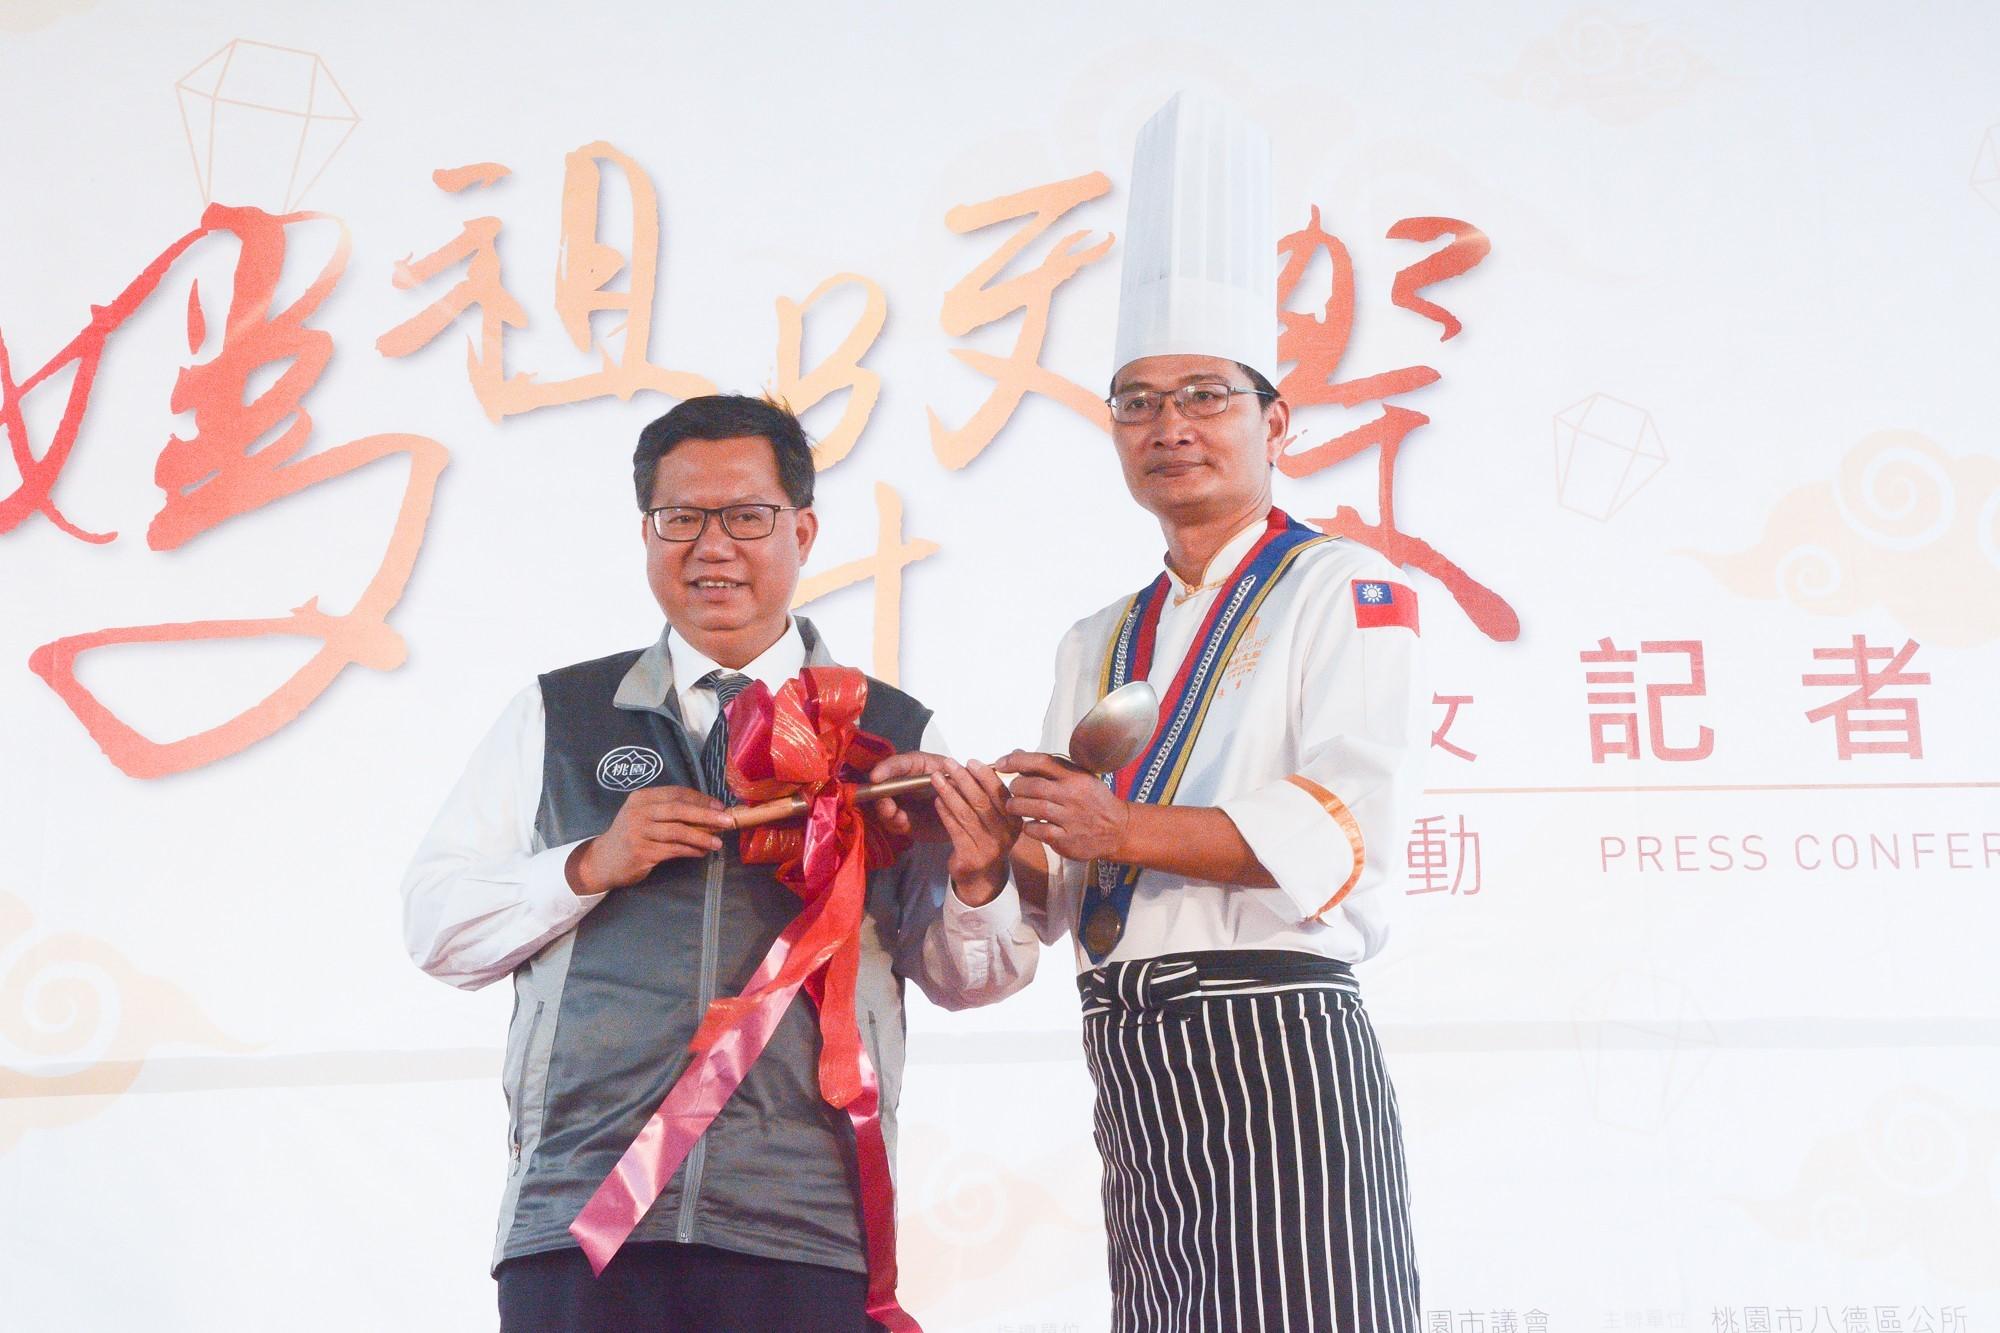 市長將湯勺交給主廚,象徵「千人食福宴」將有經典美食上桌